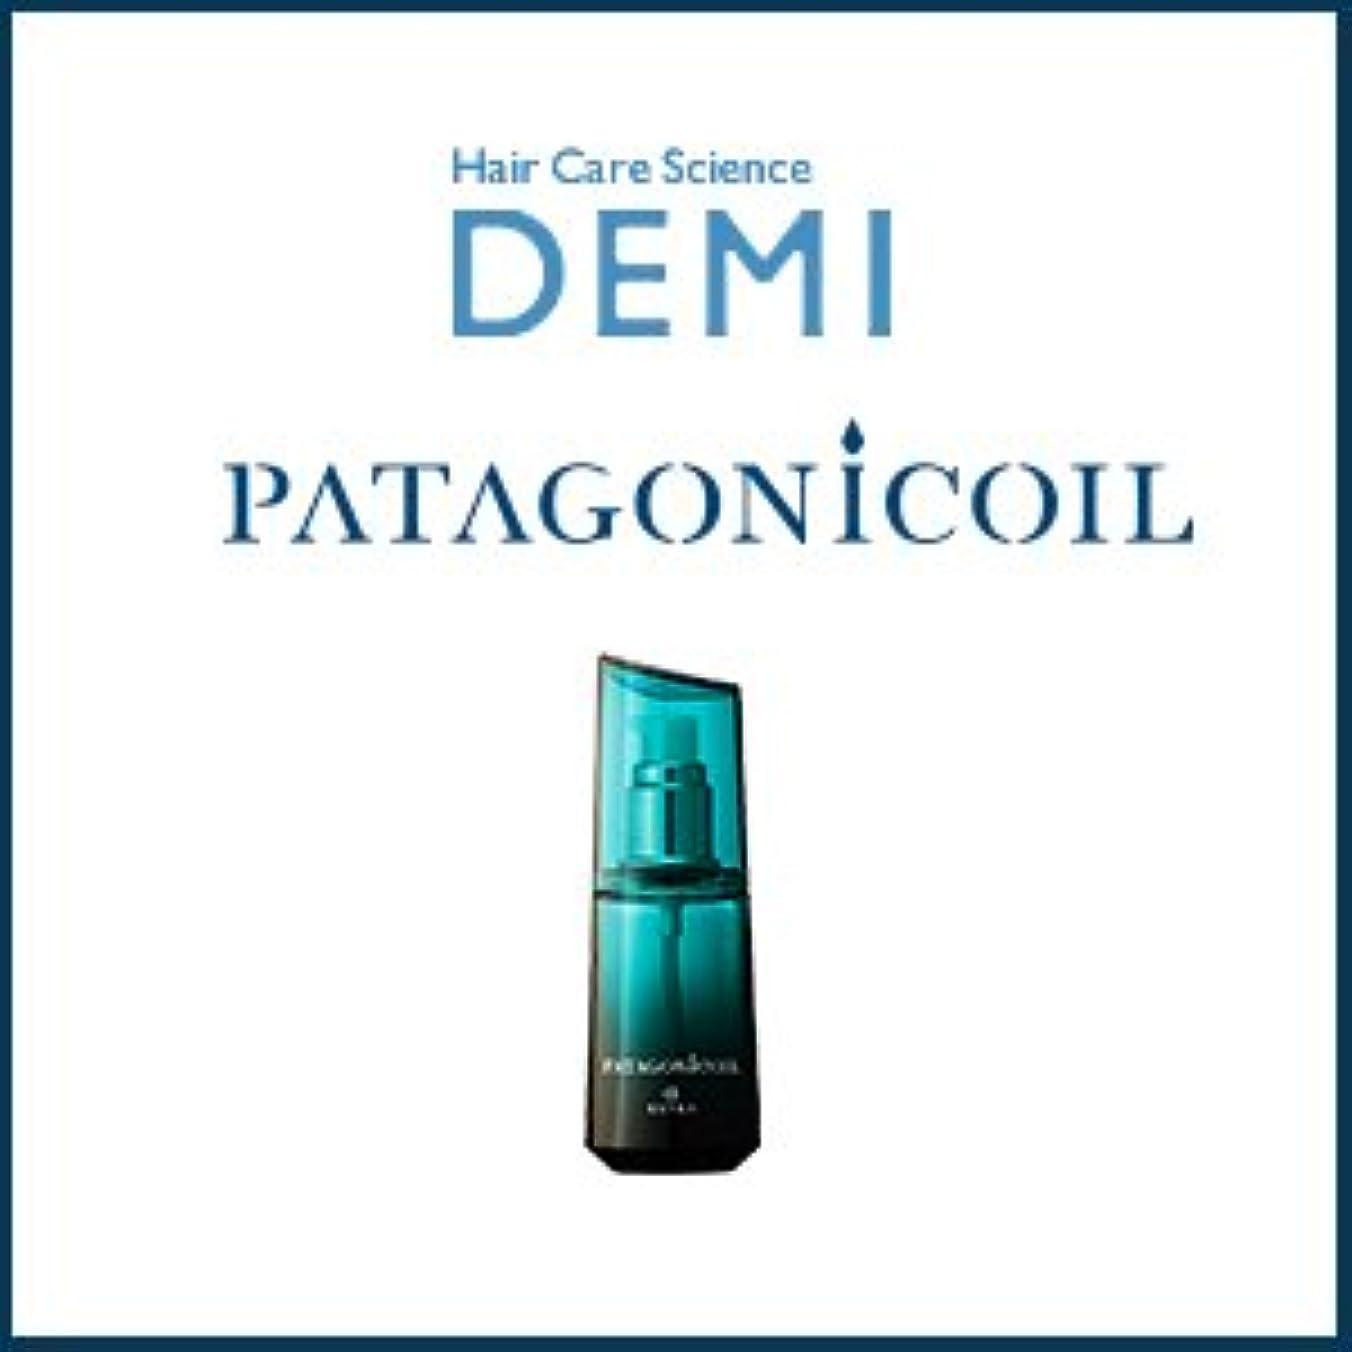 評判修復インク【X4個セット】 デミ パタゴニックオイル アルカニシオン エクストラ 80ml 容器入り